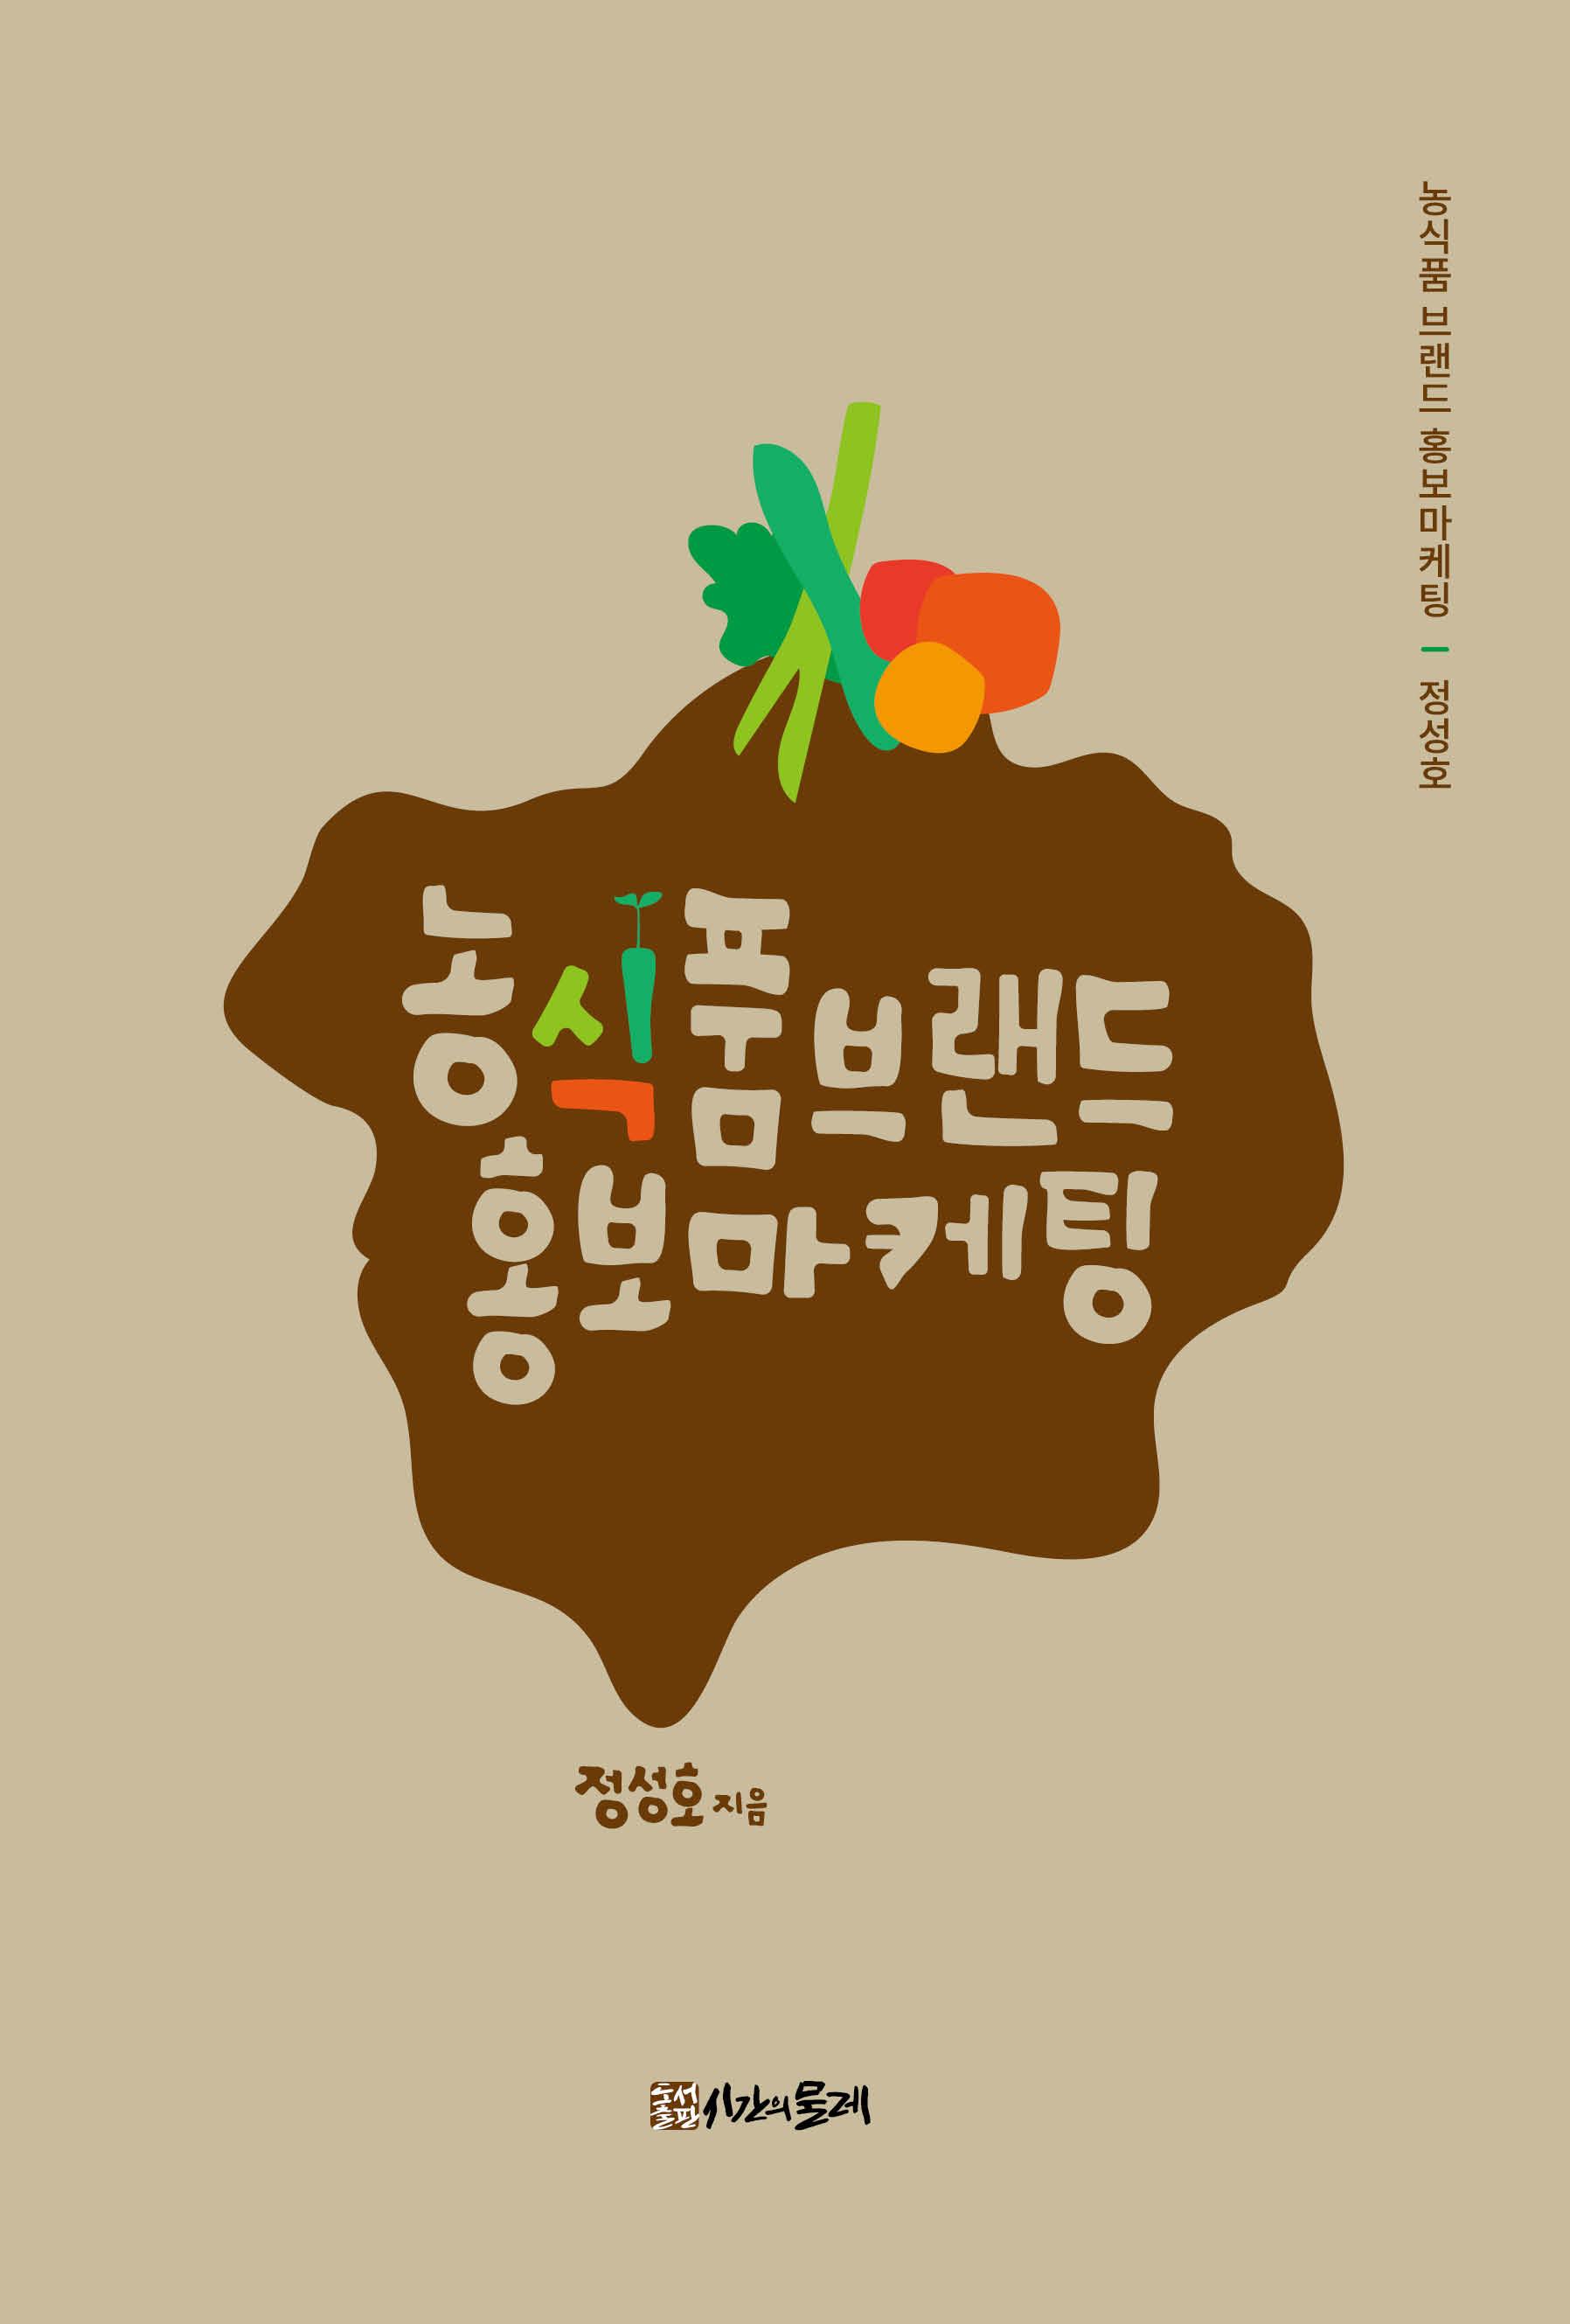 농식품 브랜드 홍보마케팅